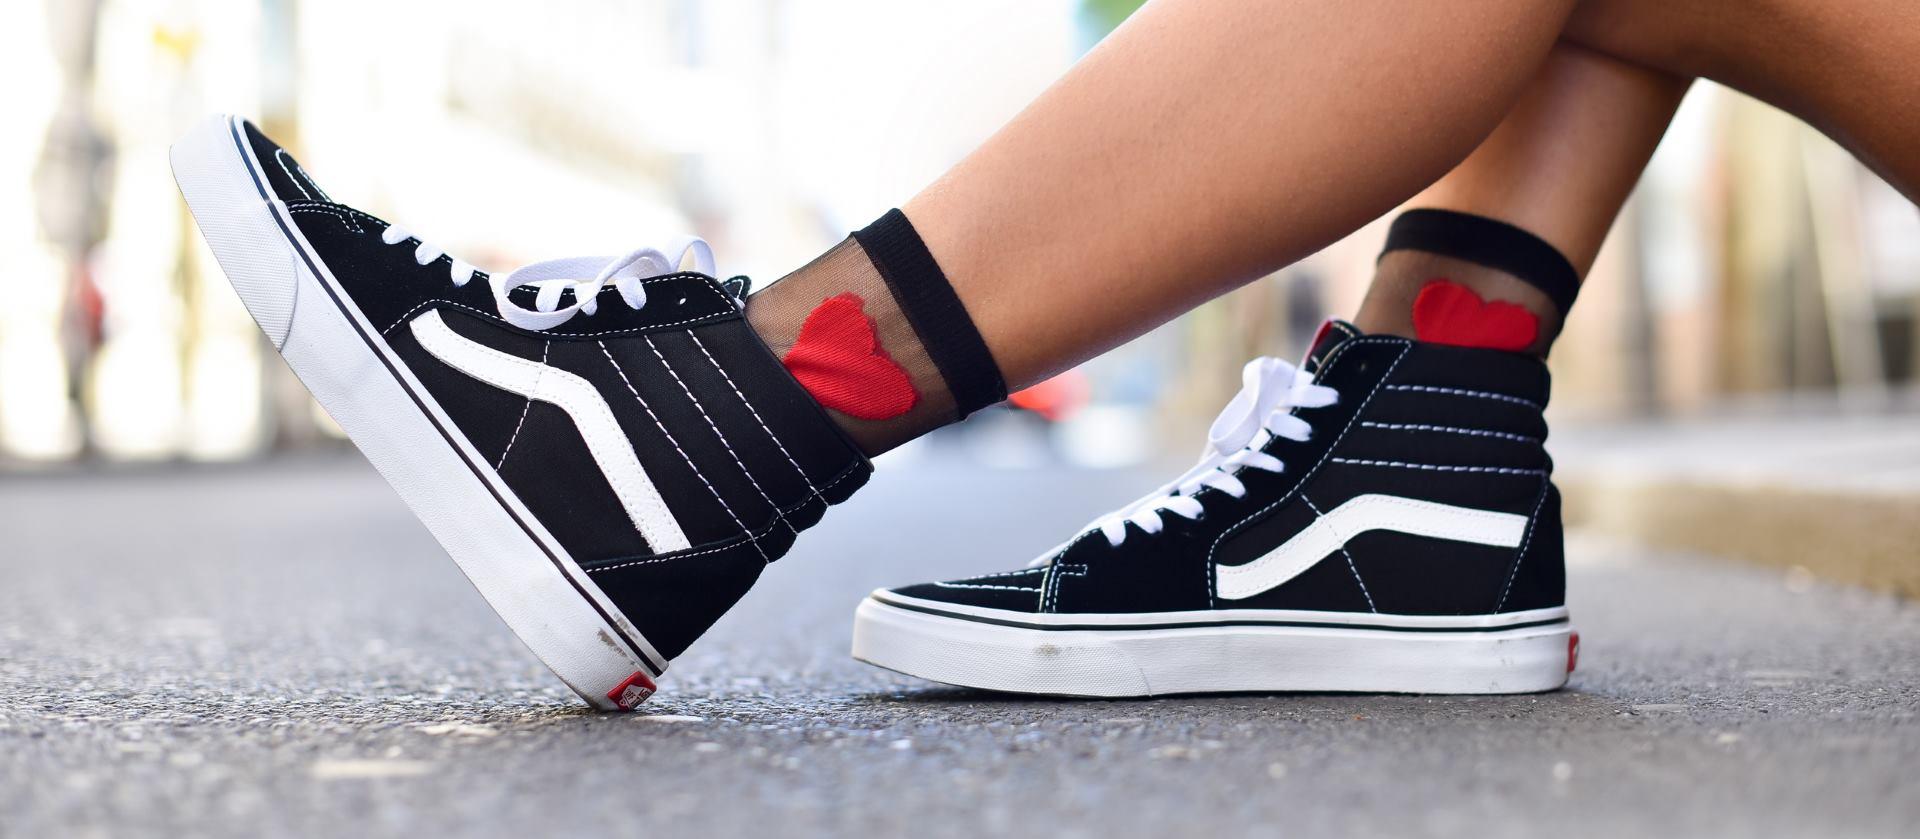 SHOEBEDO Blogerica Isabella Rakonić u razigranoj street style kampanji